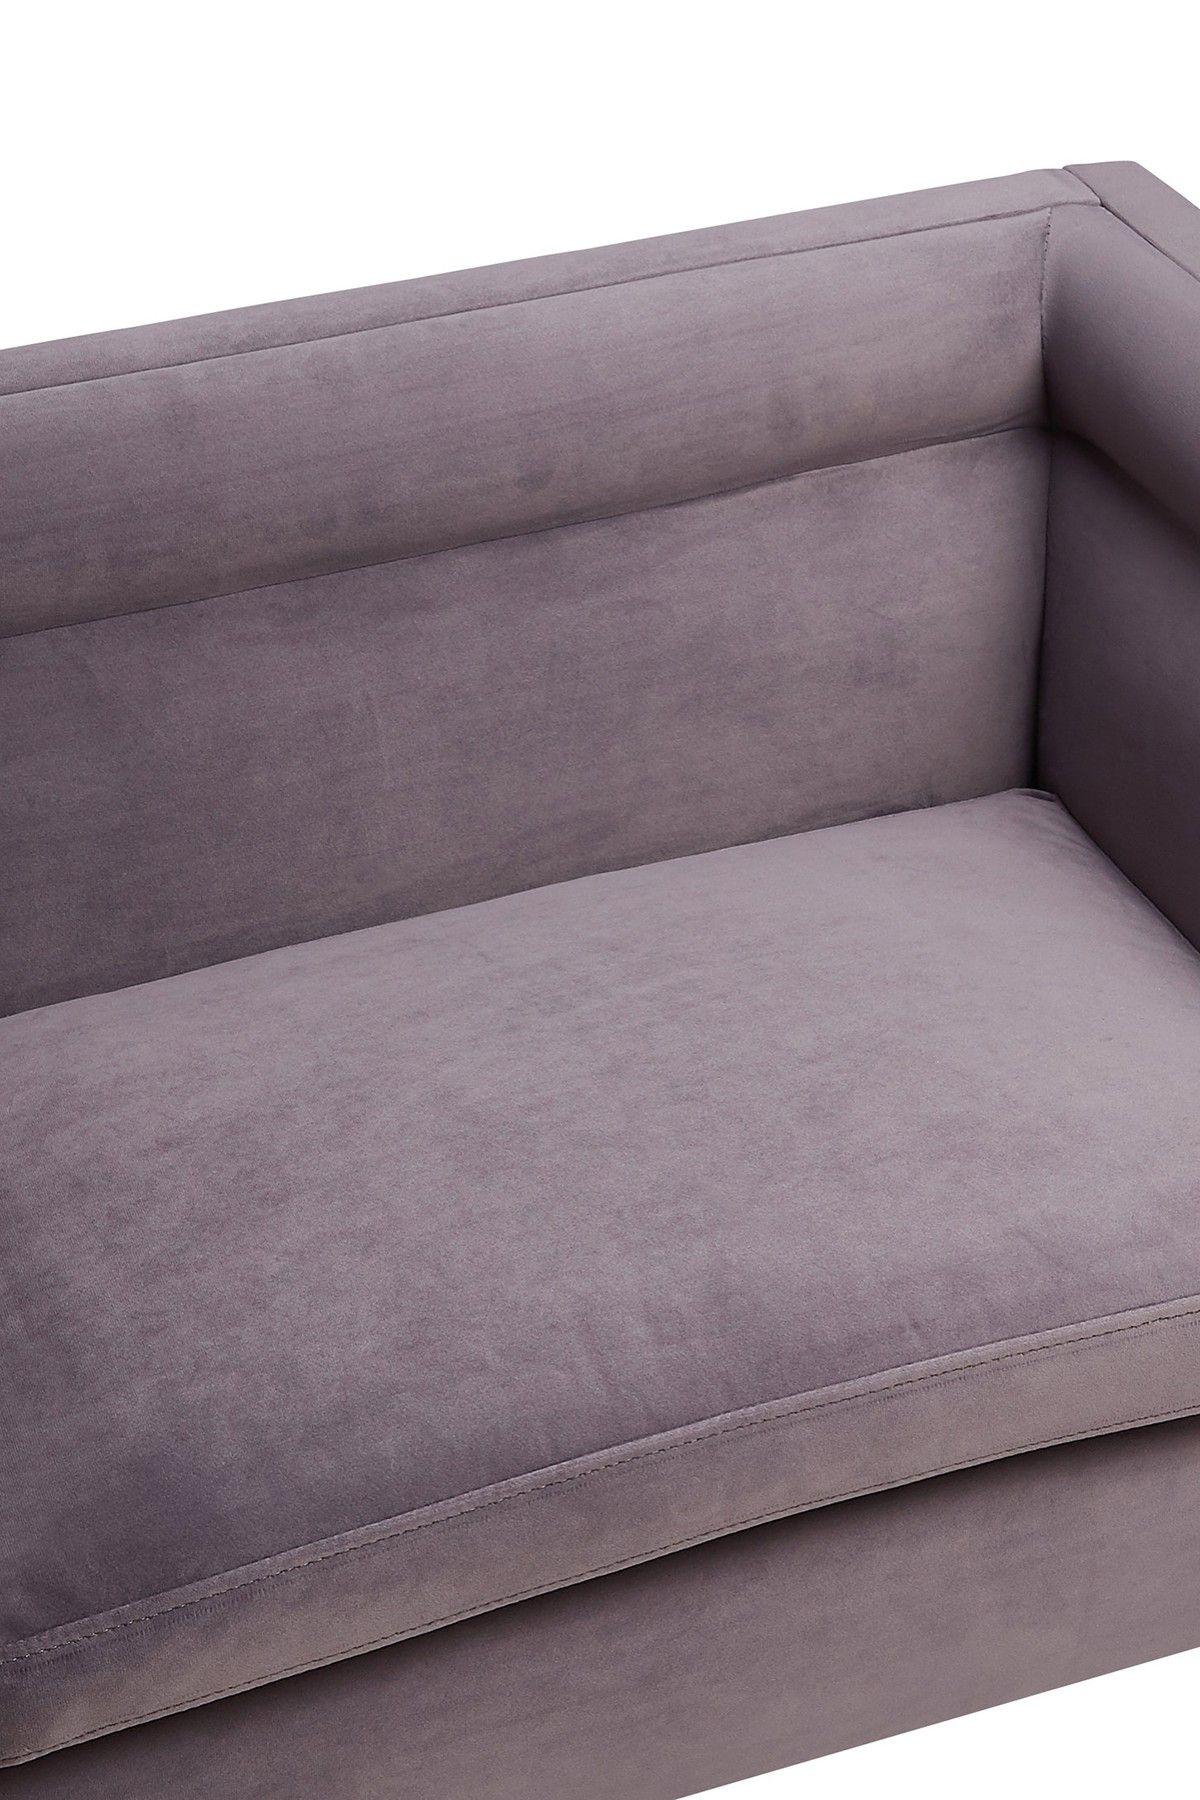 tov furniture beagle grey pet bed nordstrom rack pet bed blue options love seat